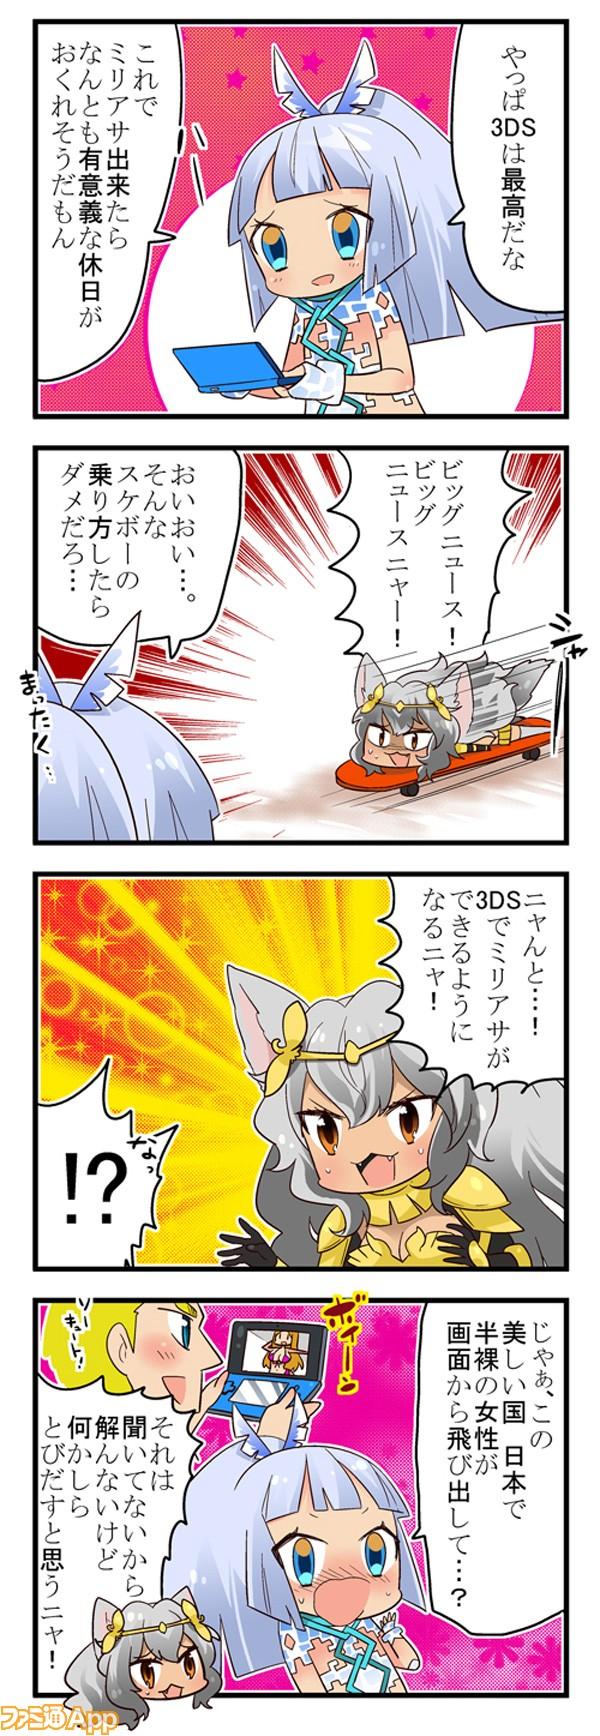 お祝い4コマ_3DS版_600